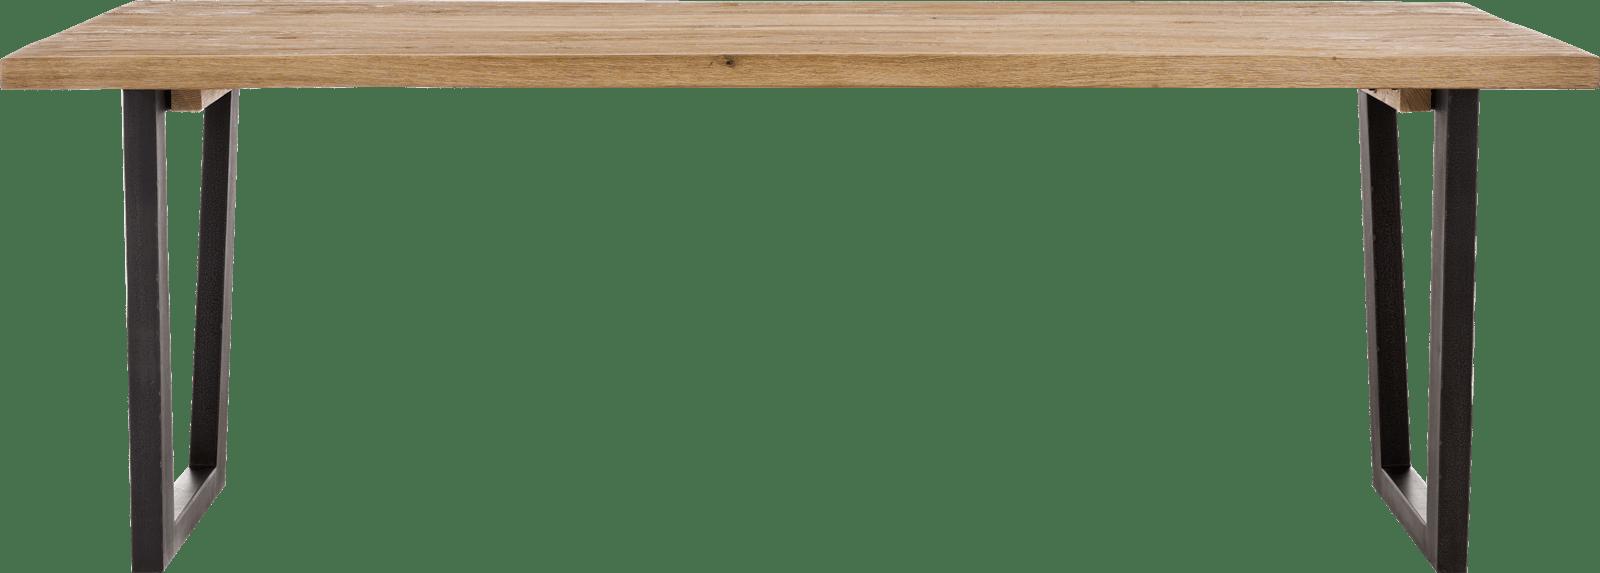 XOOON - Denmark - Industrie - tisch 220 x 100 cm